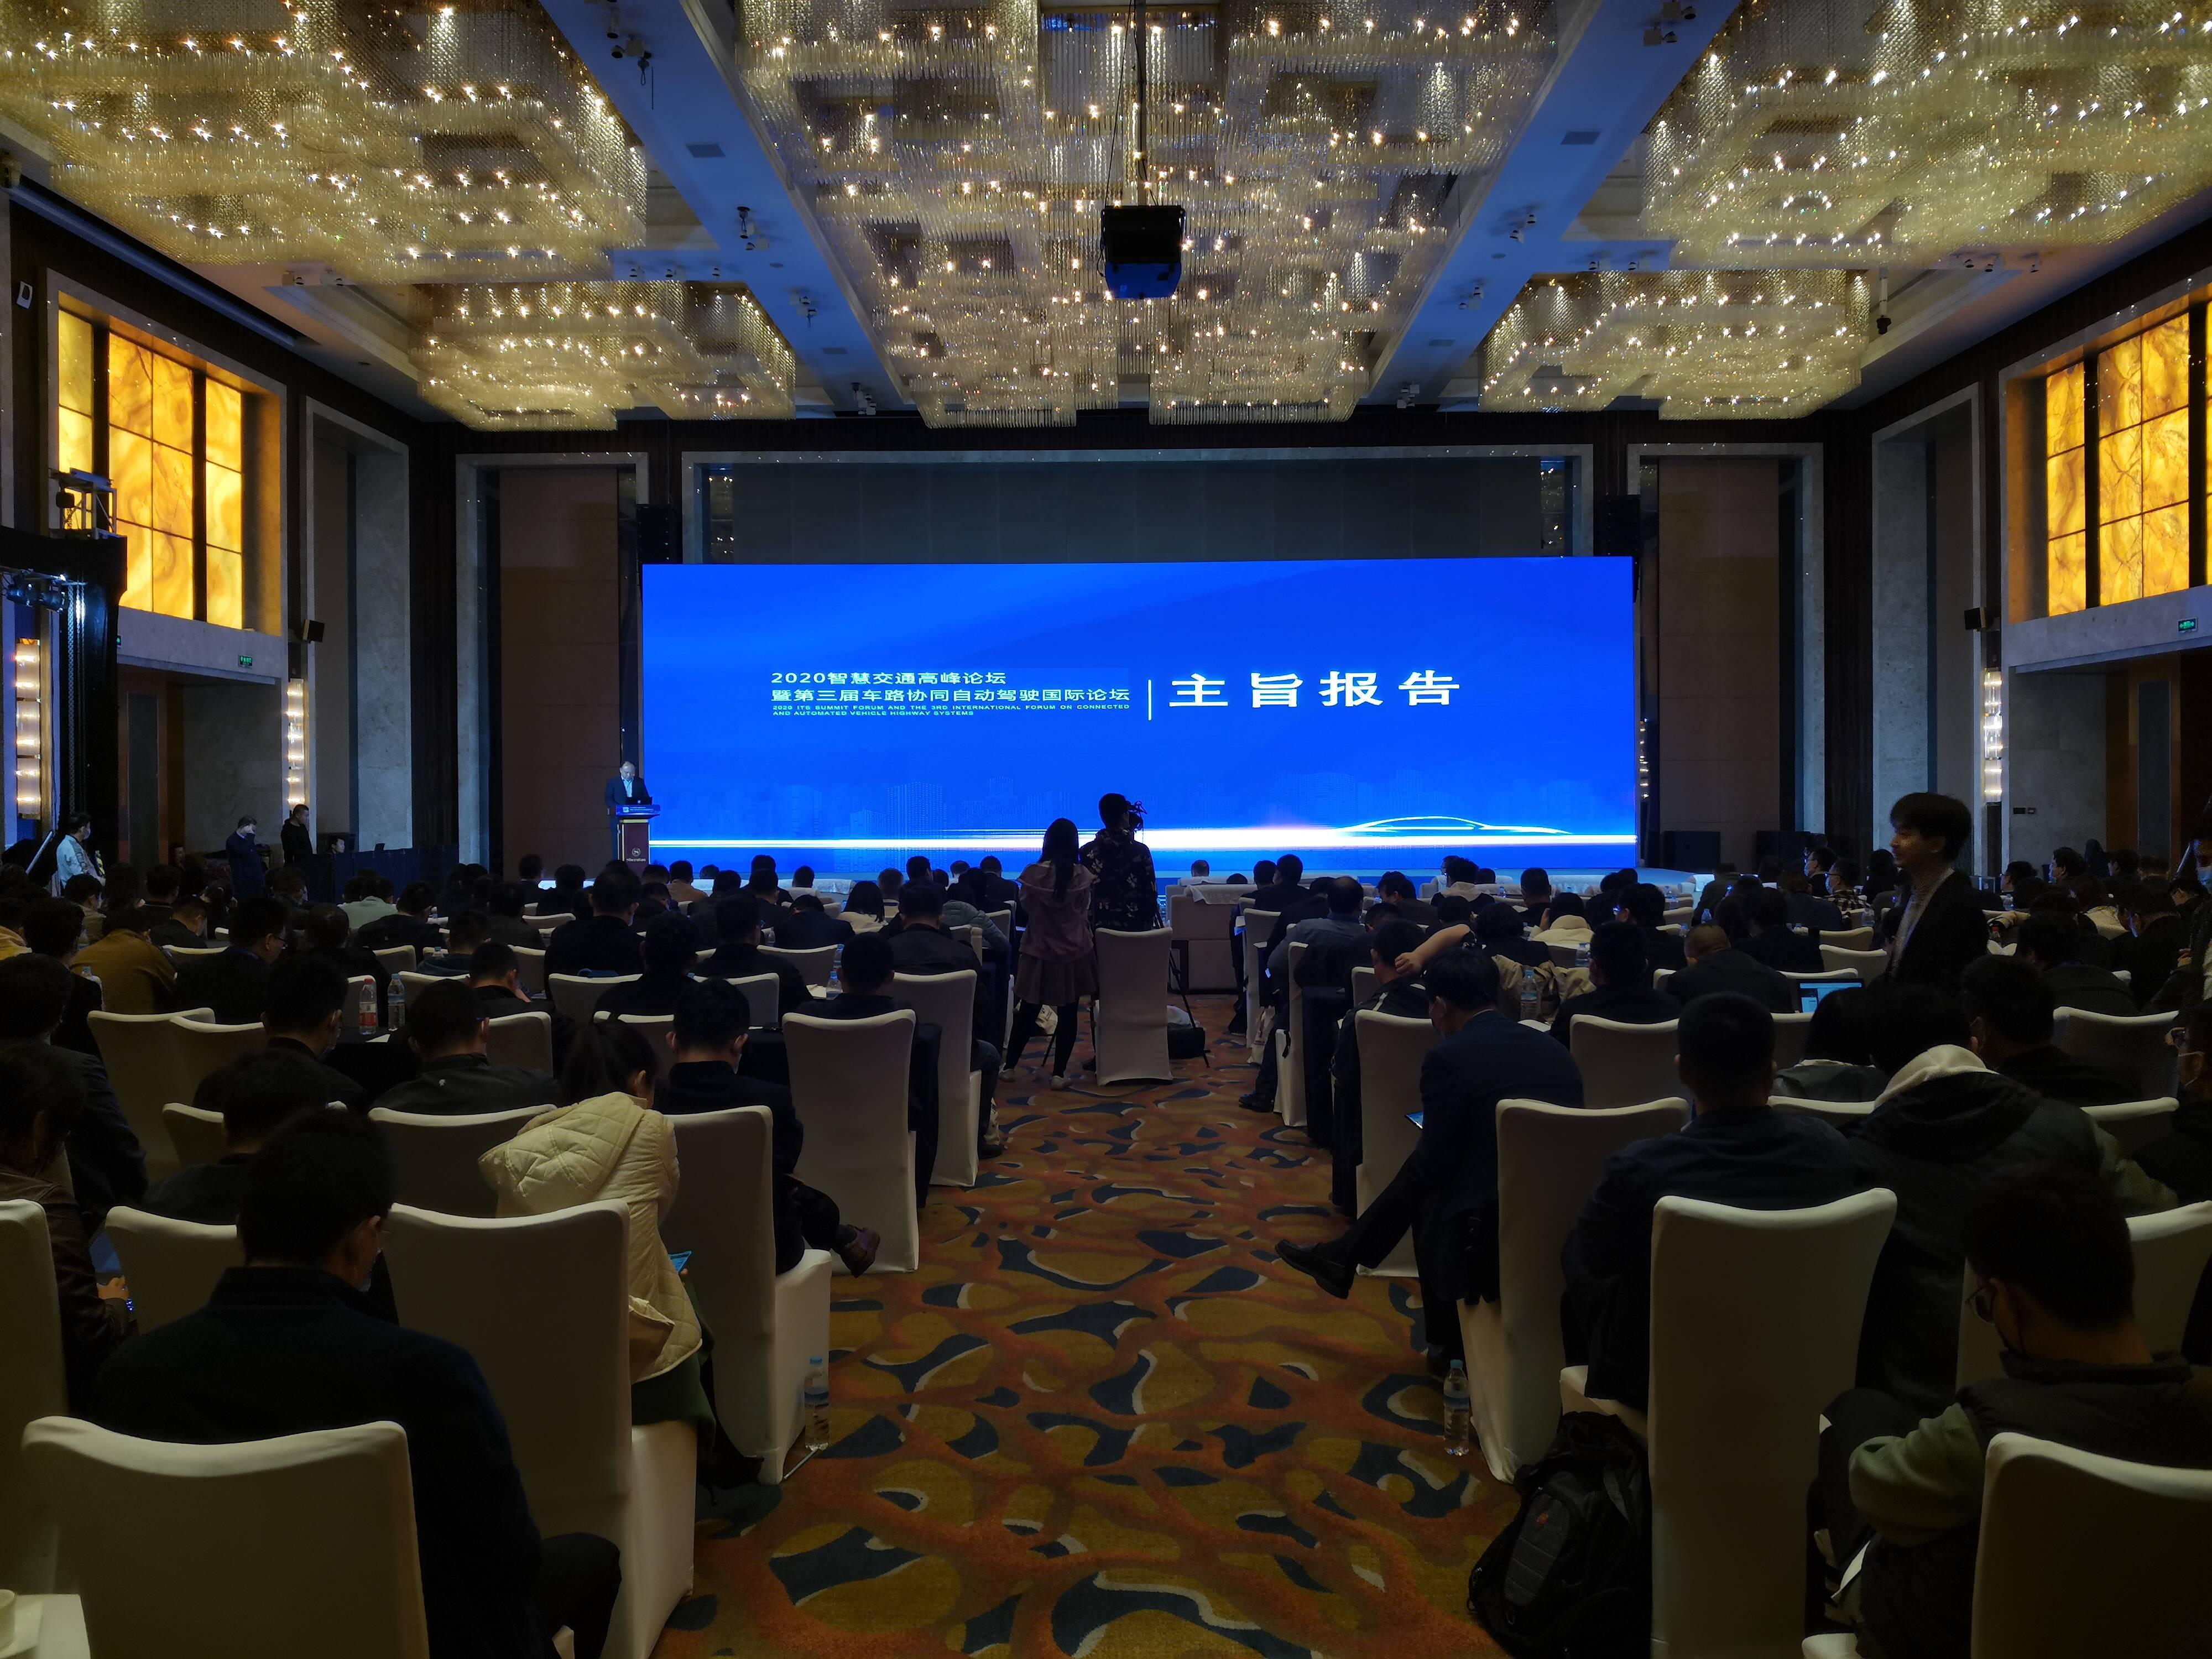 2020智慧交通高峰论坛在济南开幕